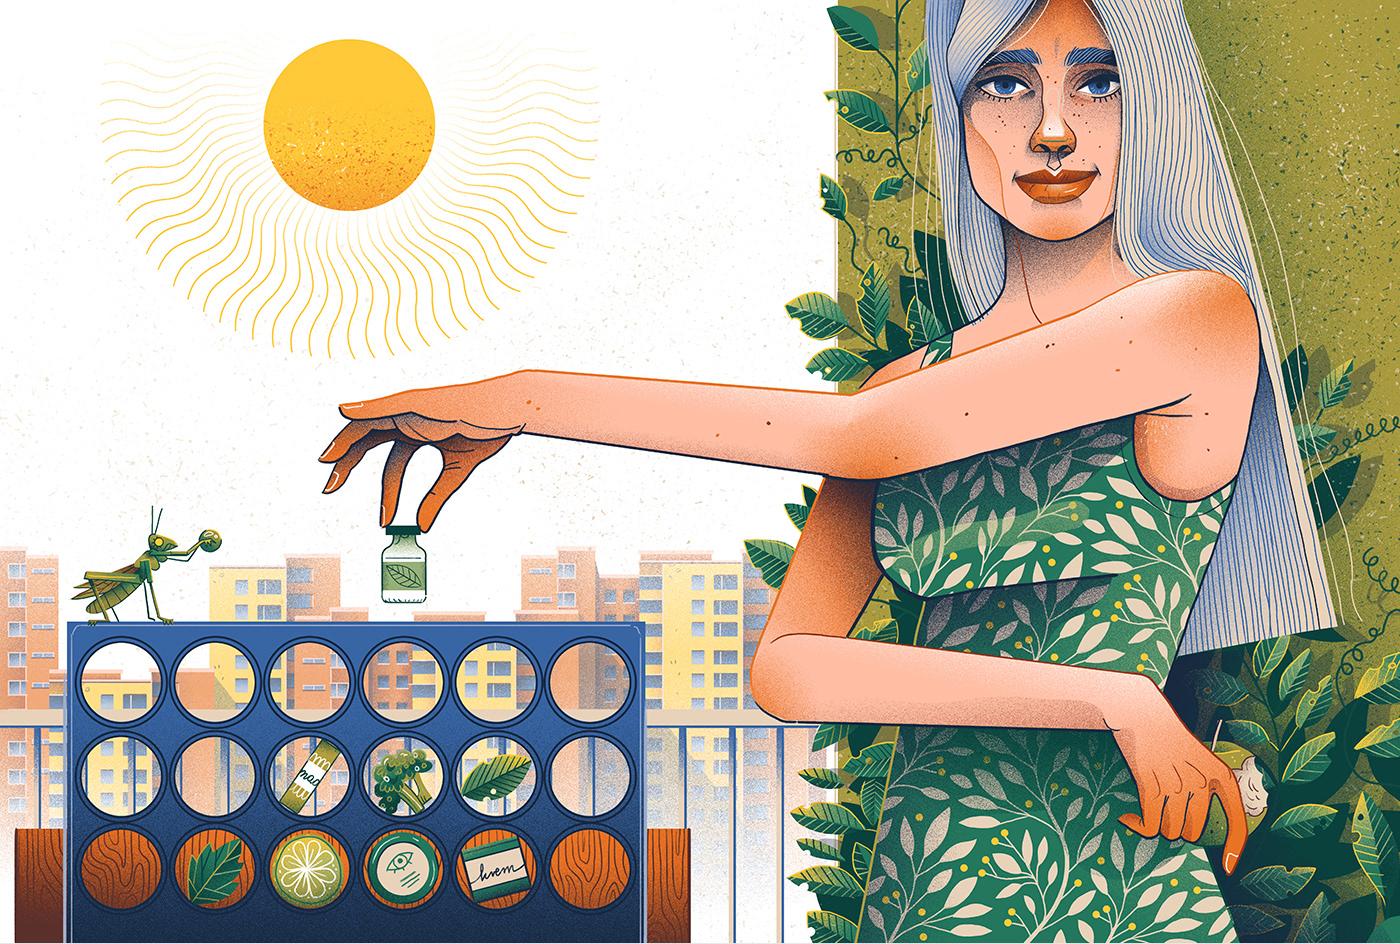 Image may contain: cartoon, woman and drawing